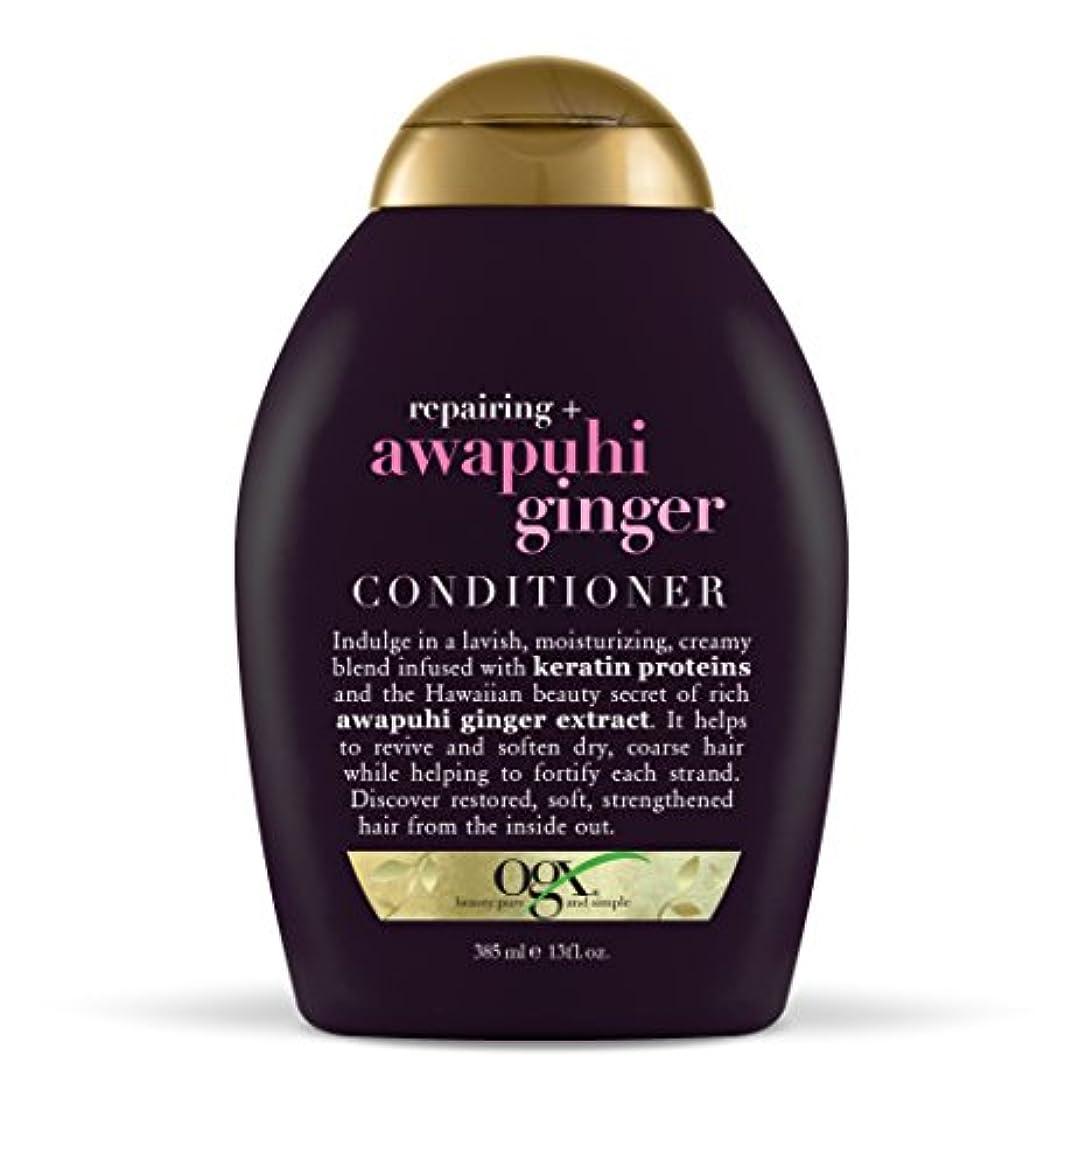 交換可能キャンセル方言Organix Repairing Awapuhi Ginger Conditioner (並行輸入品)